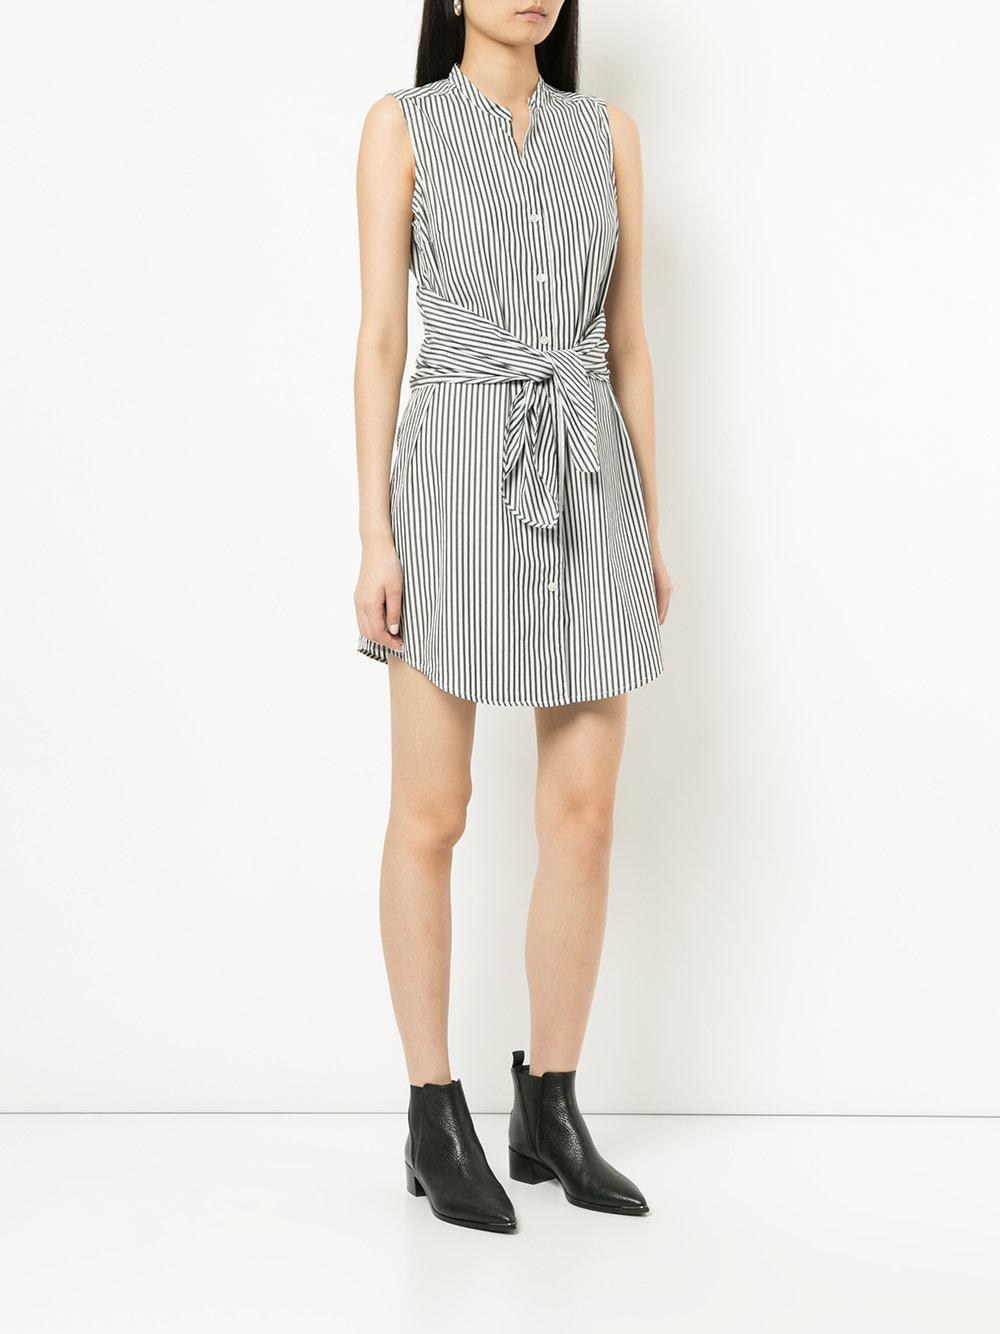 candy stripe shirt dress - White Frame Denim Cheap How Much e8nq4L